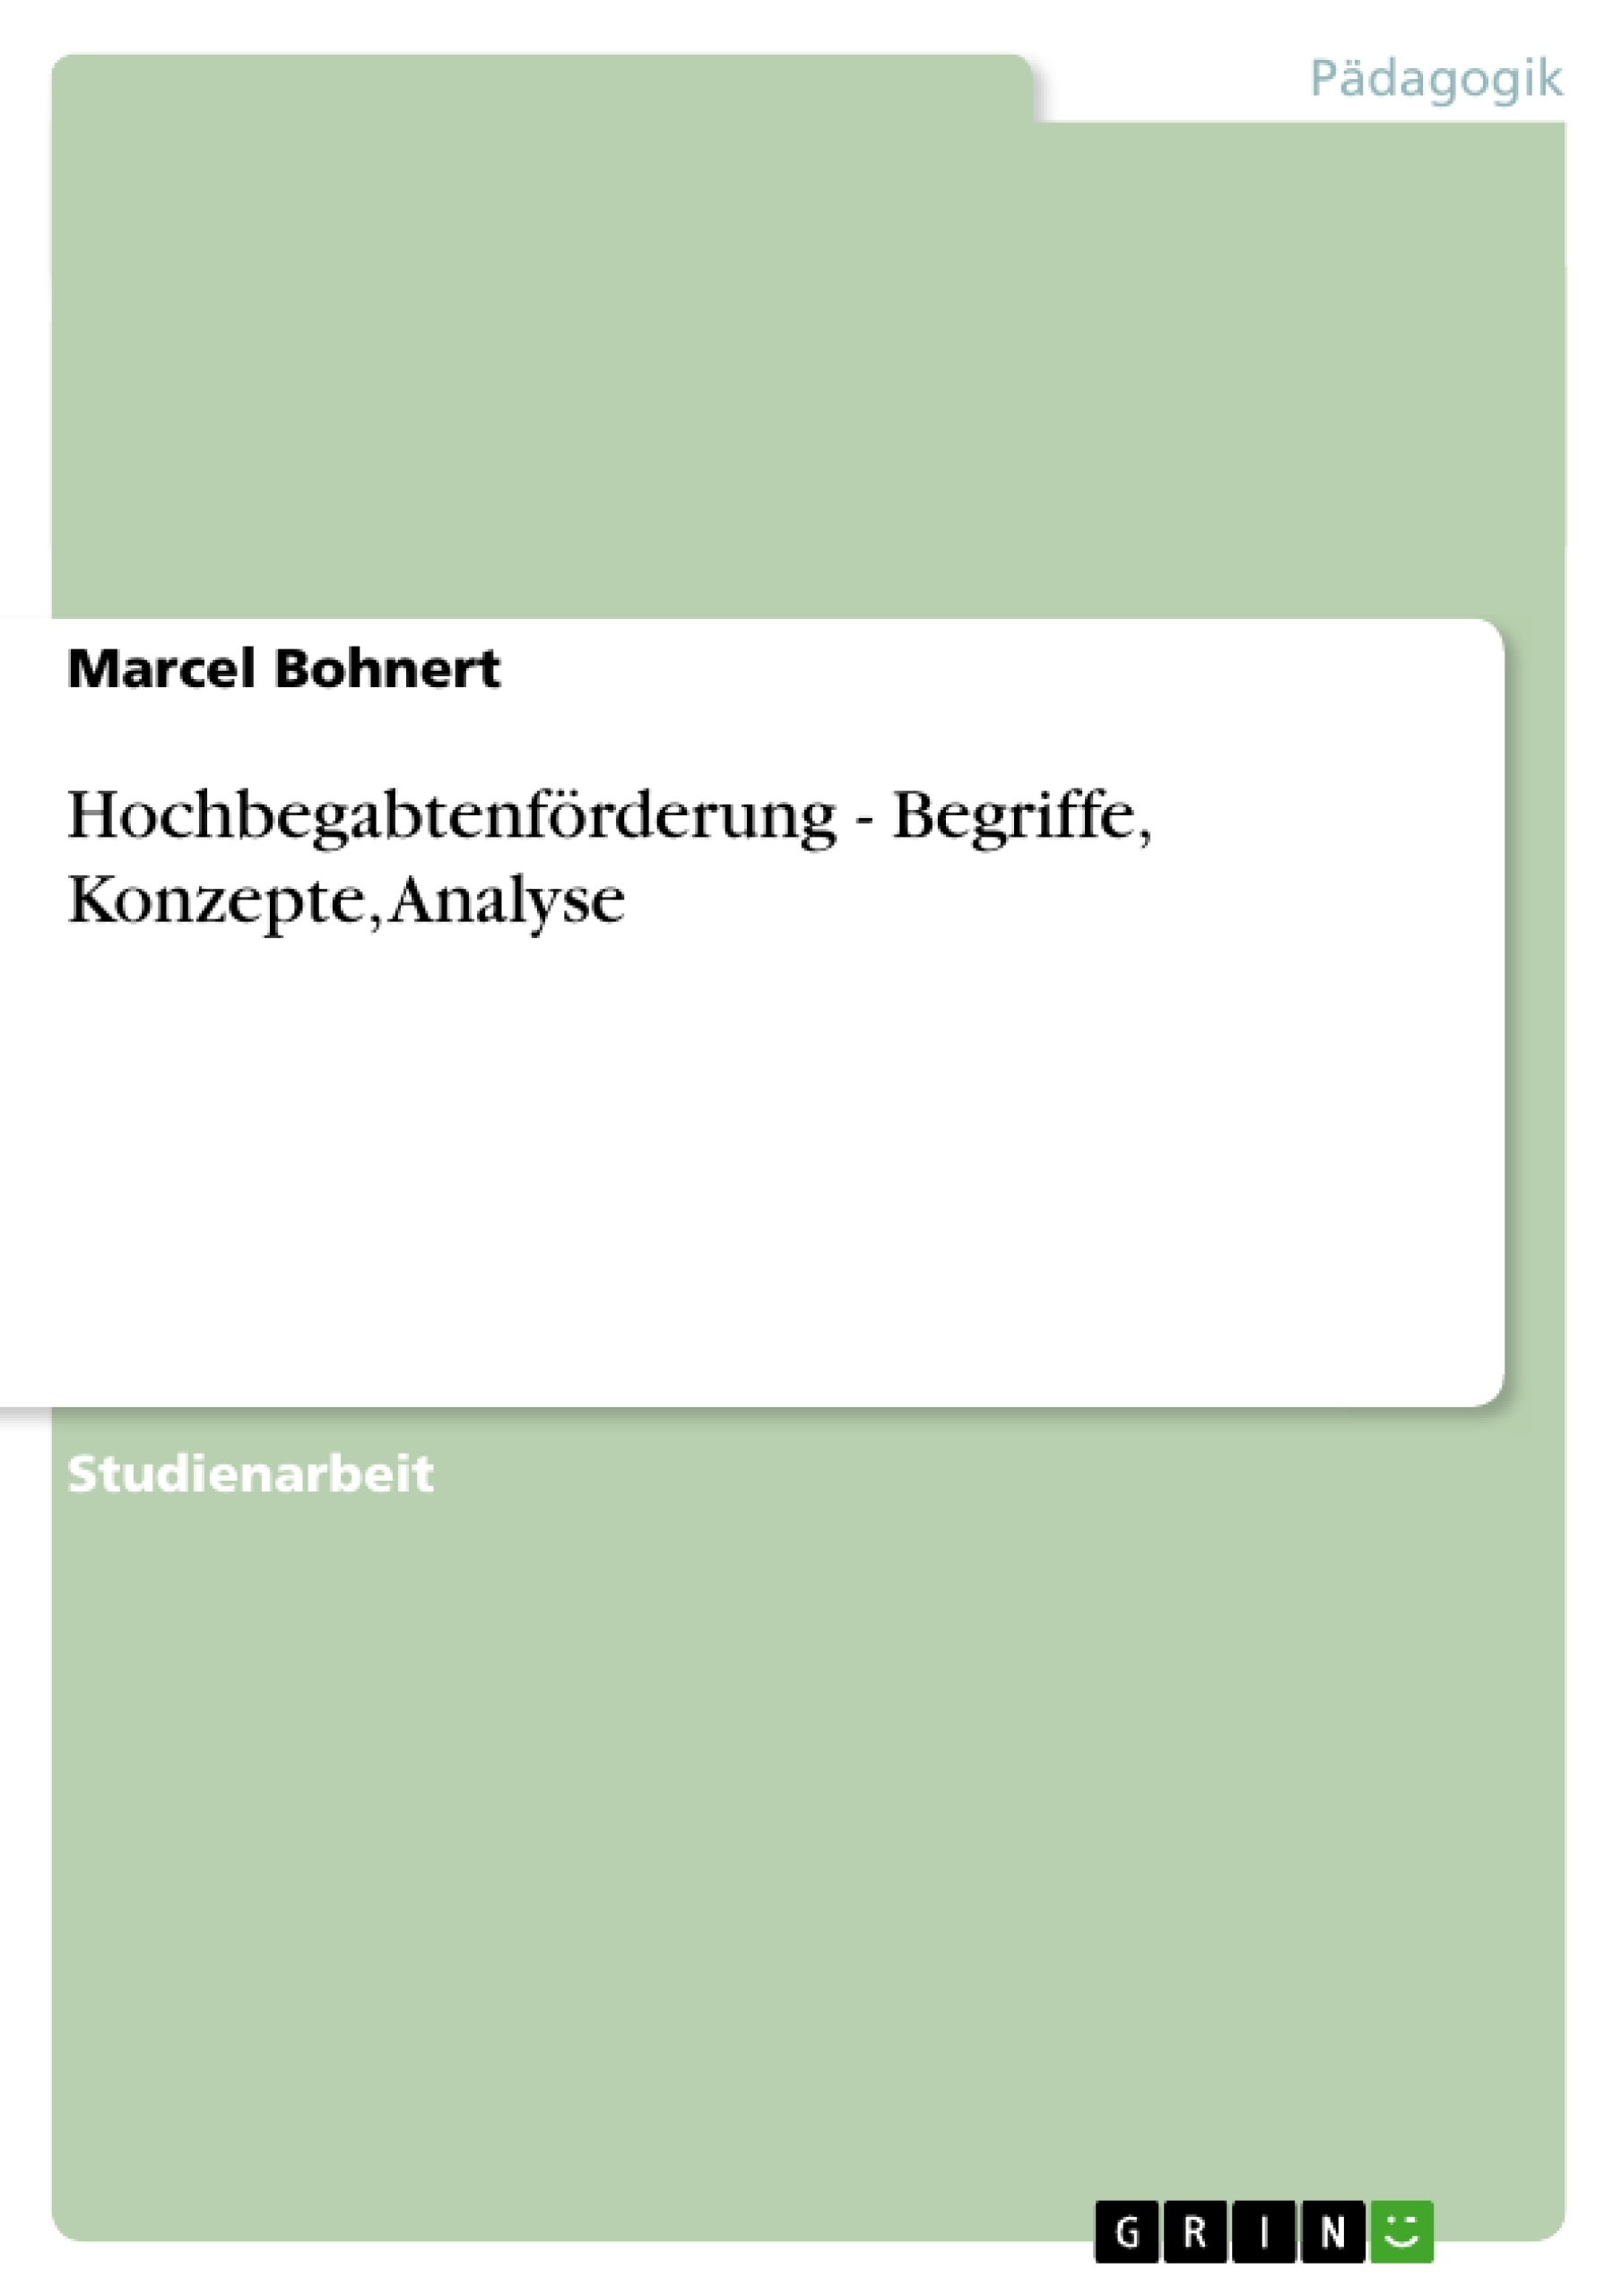 Titel: Hochbegabtenförderung - Begriffe, Konzepte, Analyse